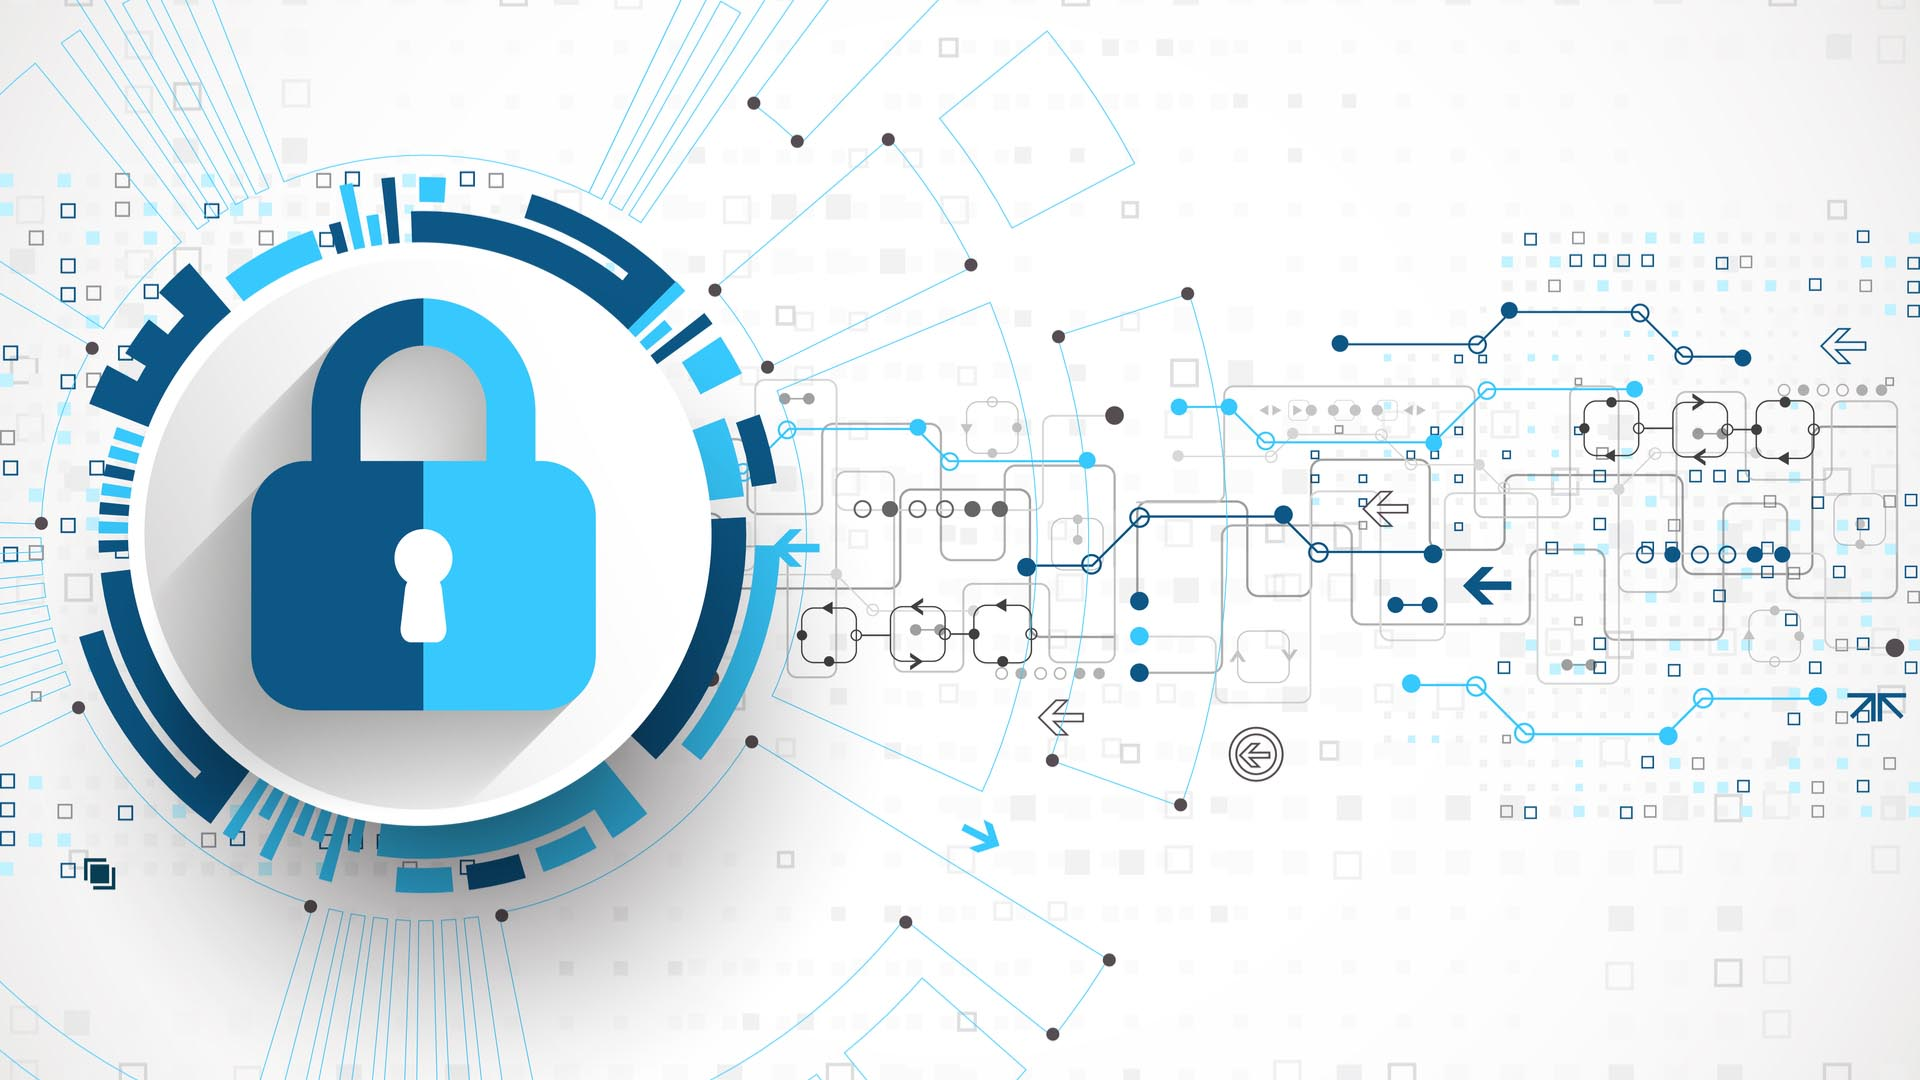 Cyber Security e Digital Marketing, serve una stretta collaborazione per proteggere dati sensibili e reputazione aziendale